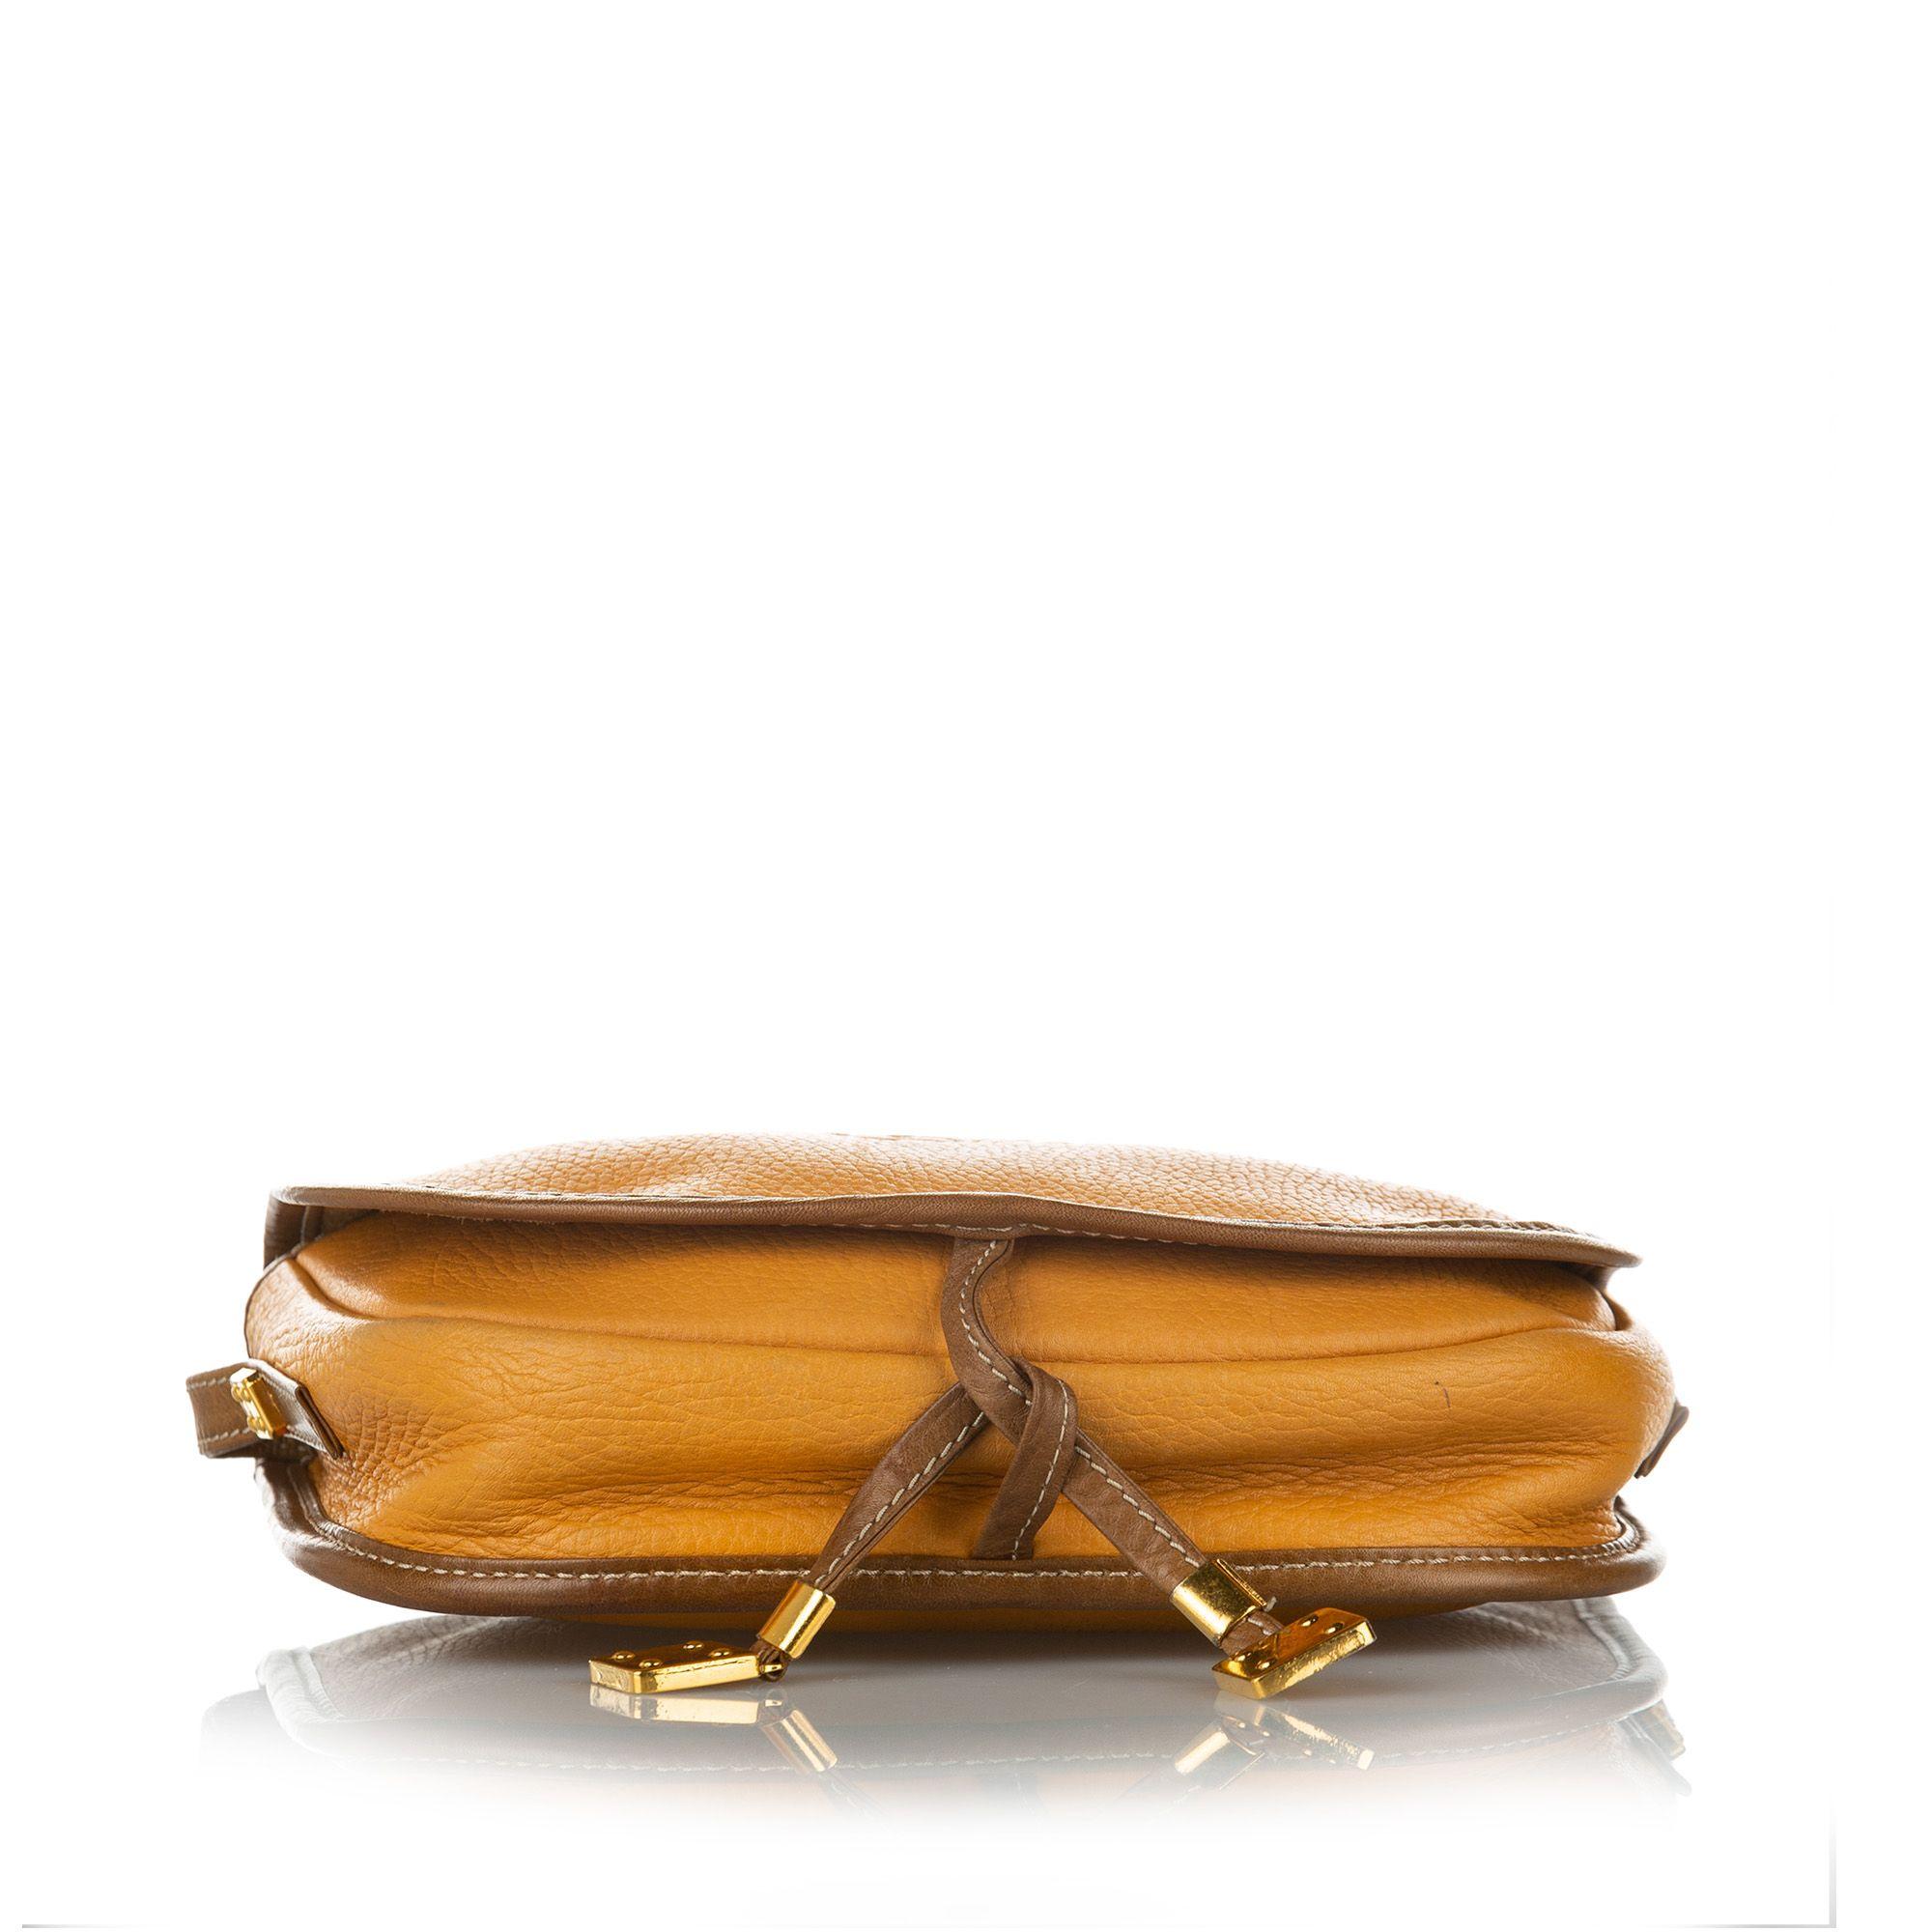 Vintage Loewe Anagram Leather Crossbody Bag Brown